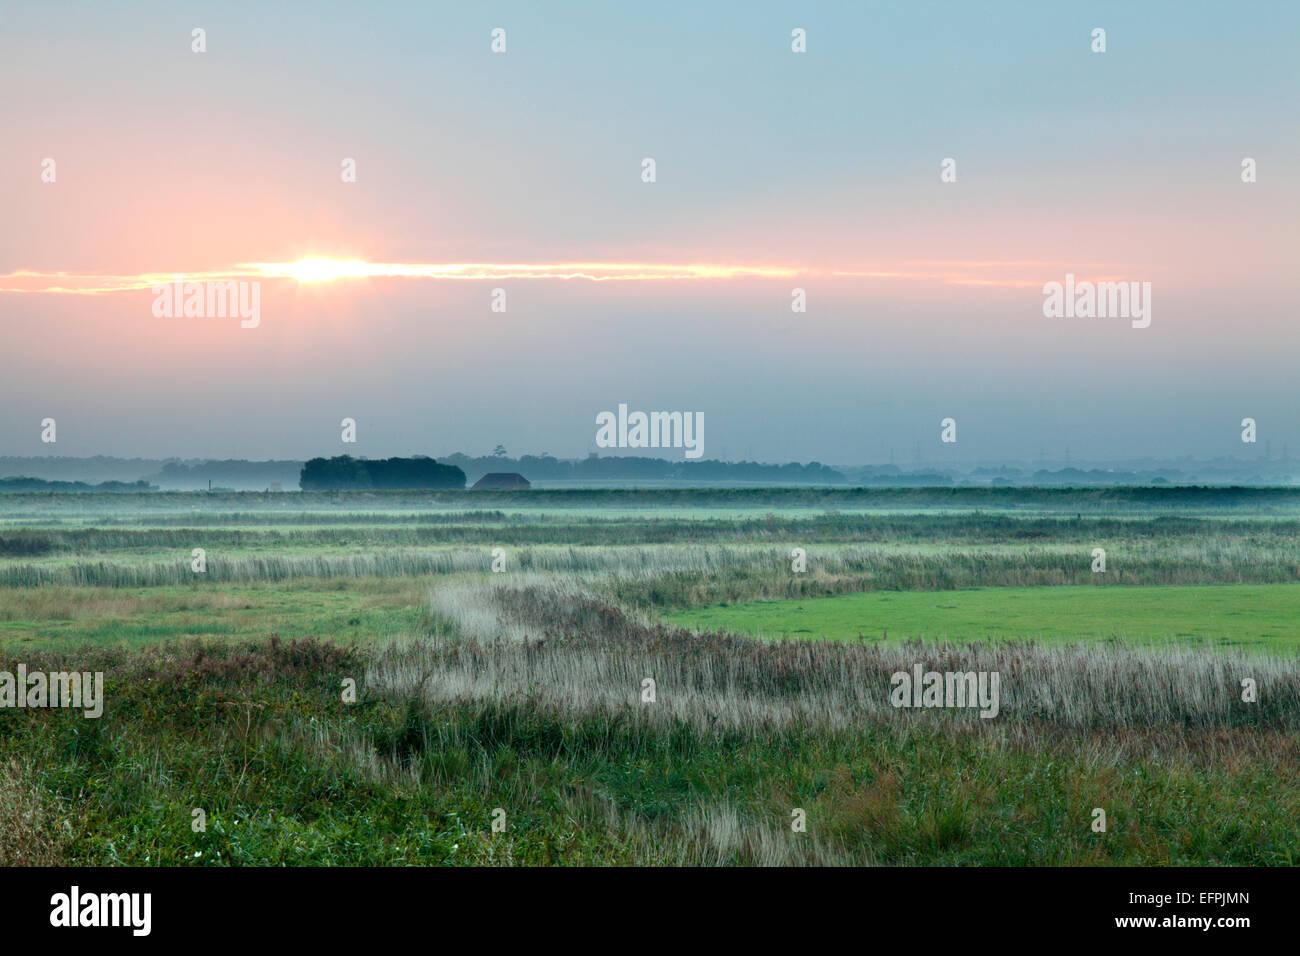 Sonnenuntergang in Aldeburgh Sümpfe, Suffolk, England, Vereinigtes Königreich, Europa Stockbild